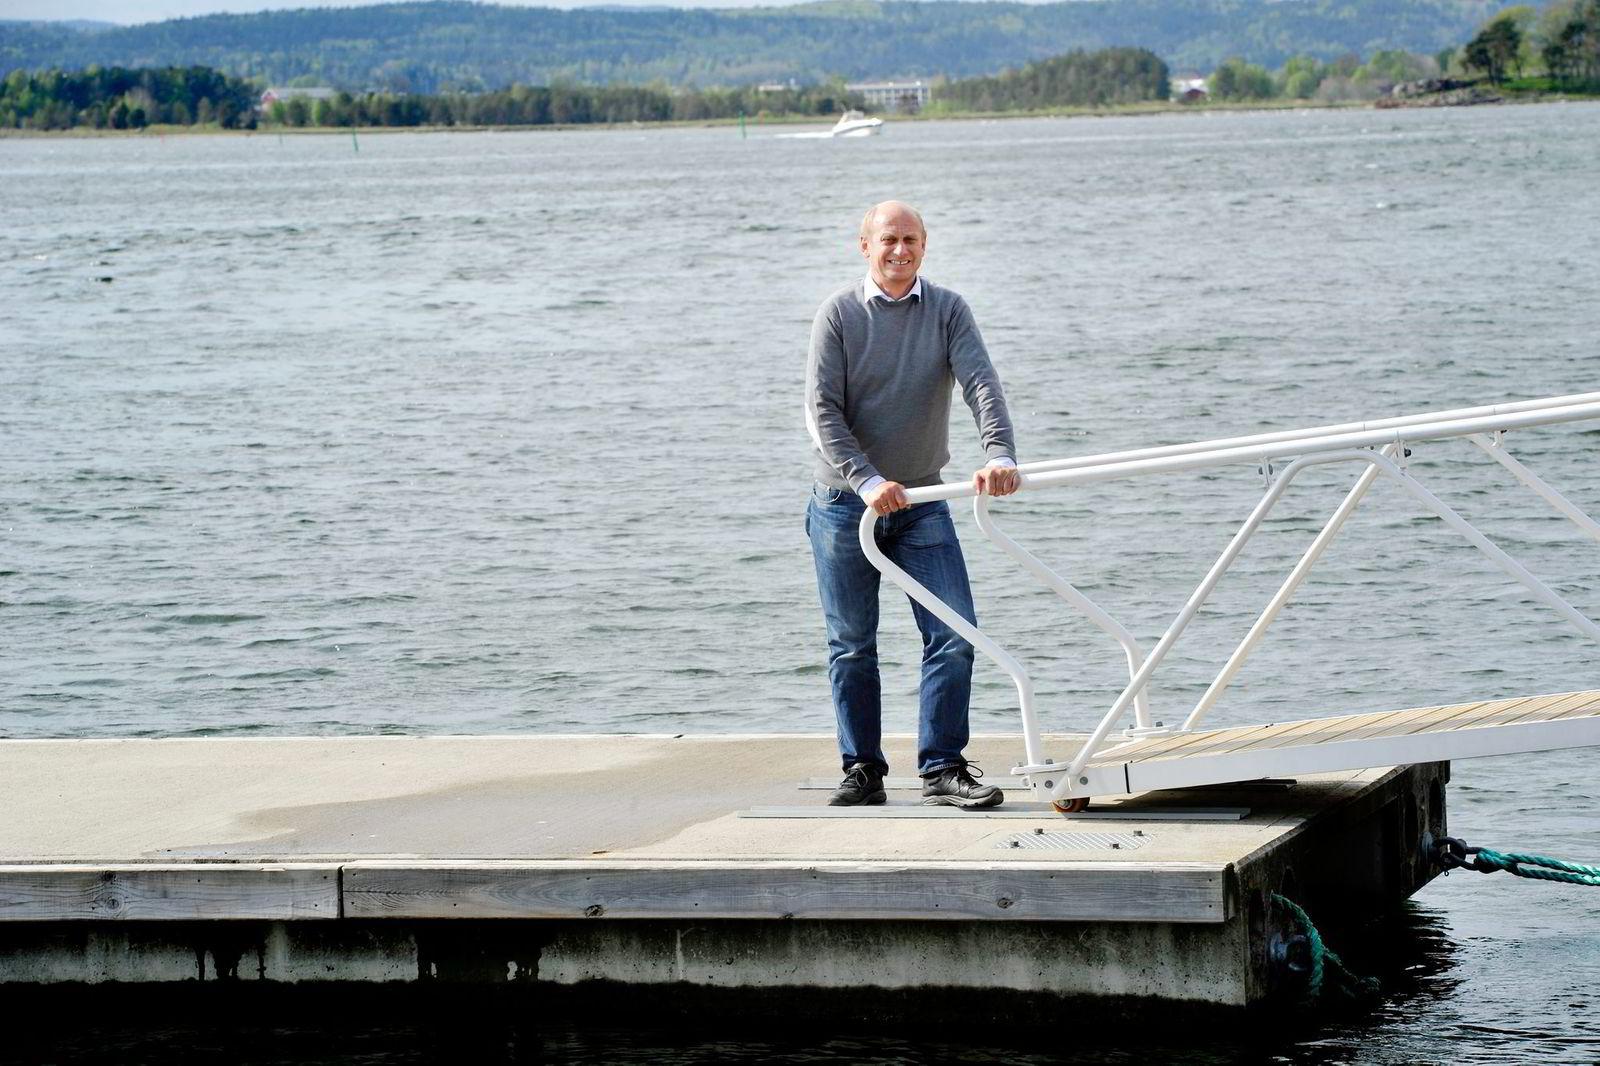 Eiendomsmegler Tore Solberg sier at lagerbeholdingen av hytter er lavere i år, sammenlignet med i år. Foto: Mikaela Berg